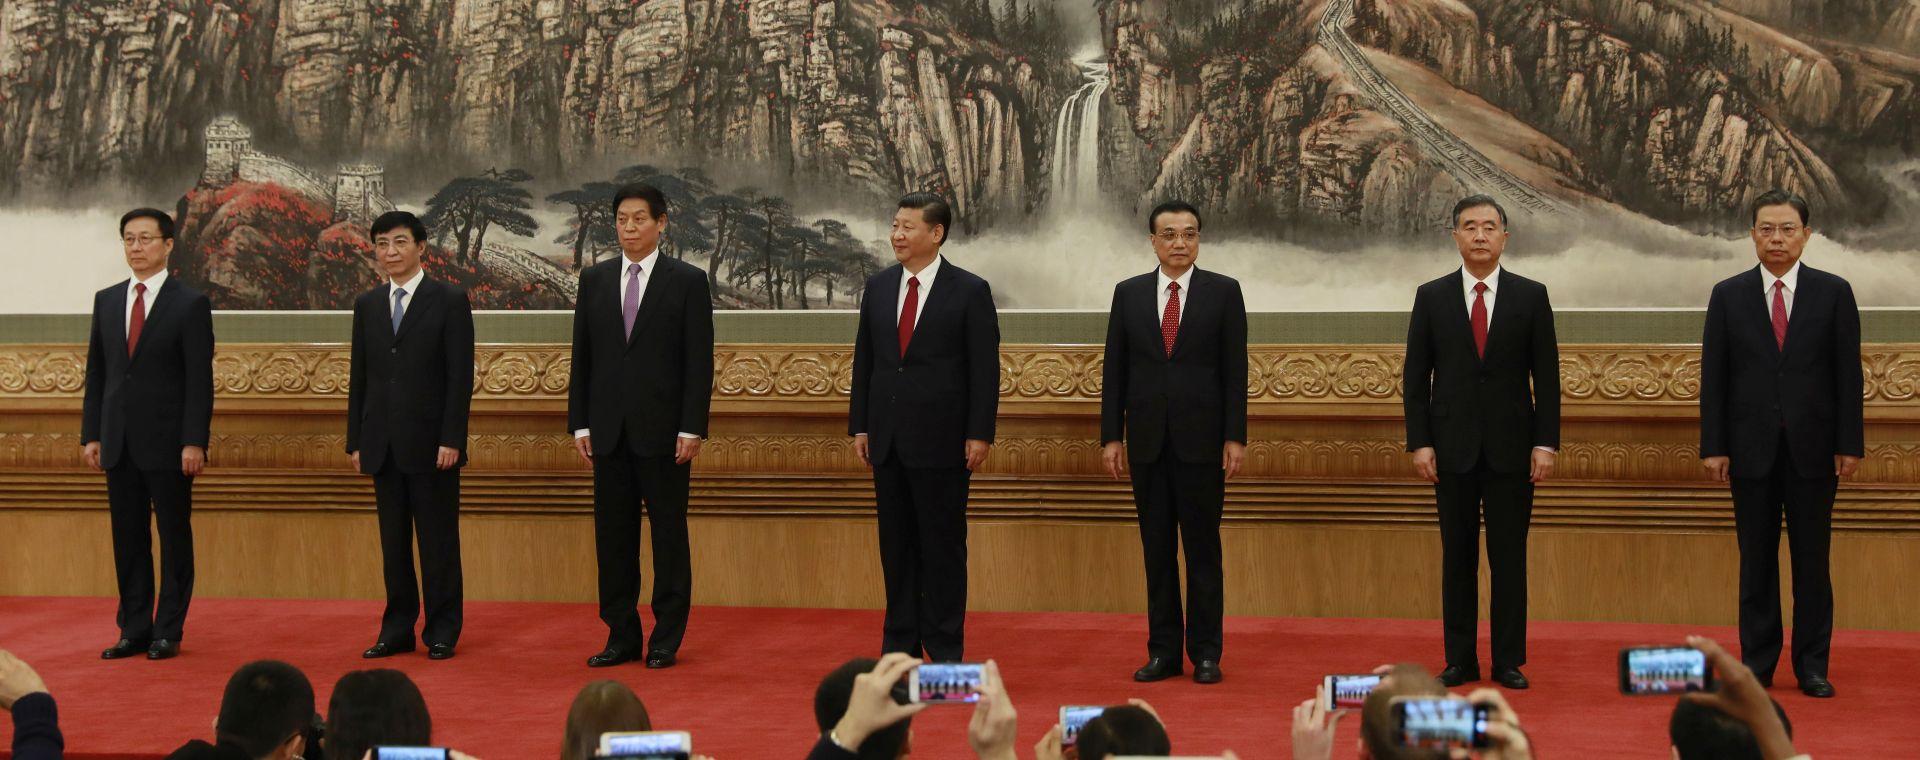 PRVI KOMUNIST SVIJETA Kina predstavila novo vodstvo, Xi Jinping neupitni vođa